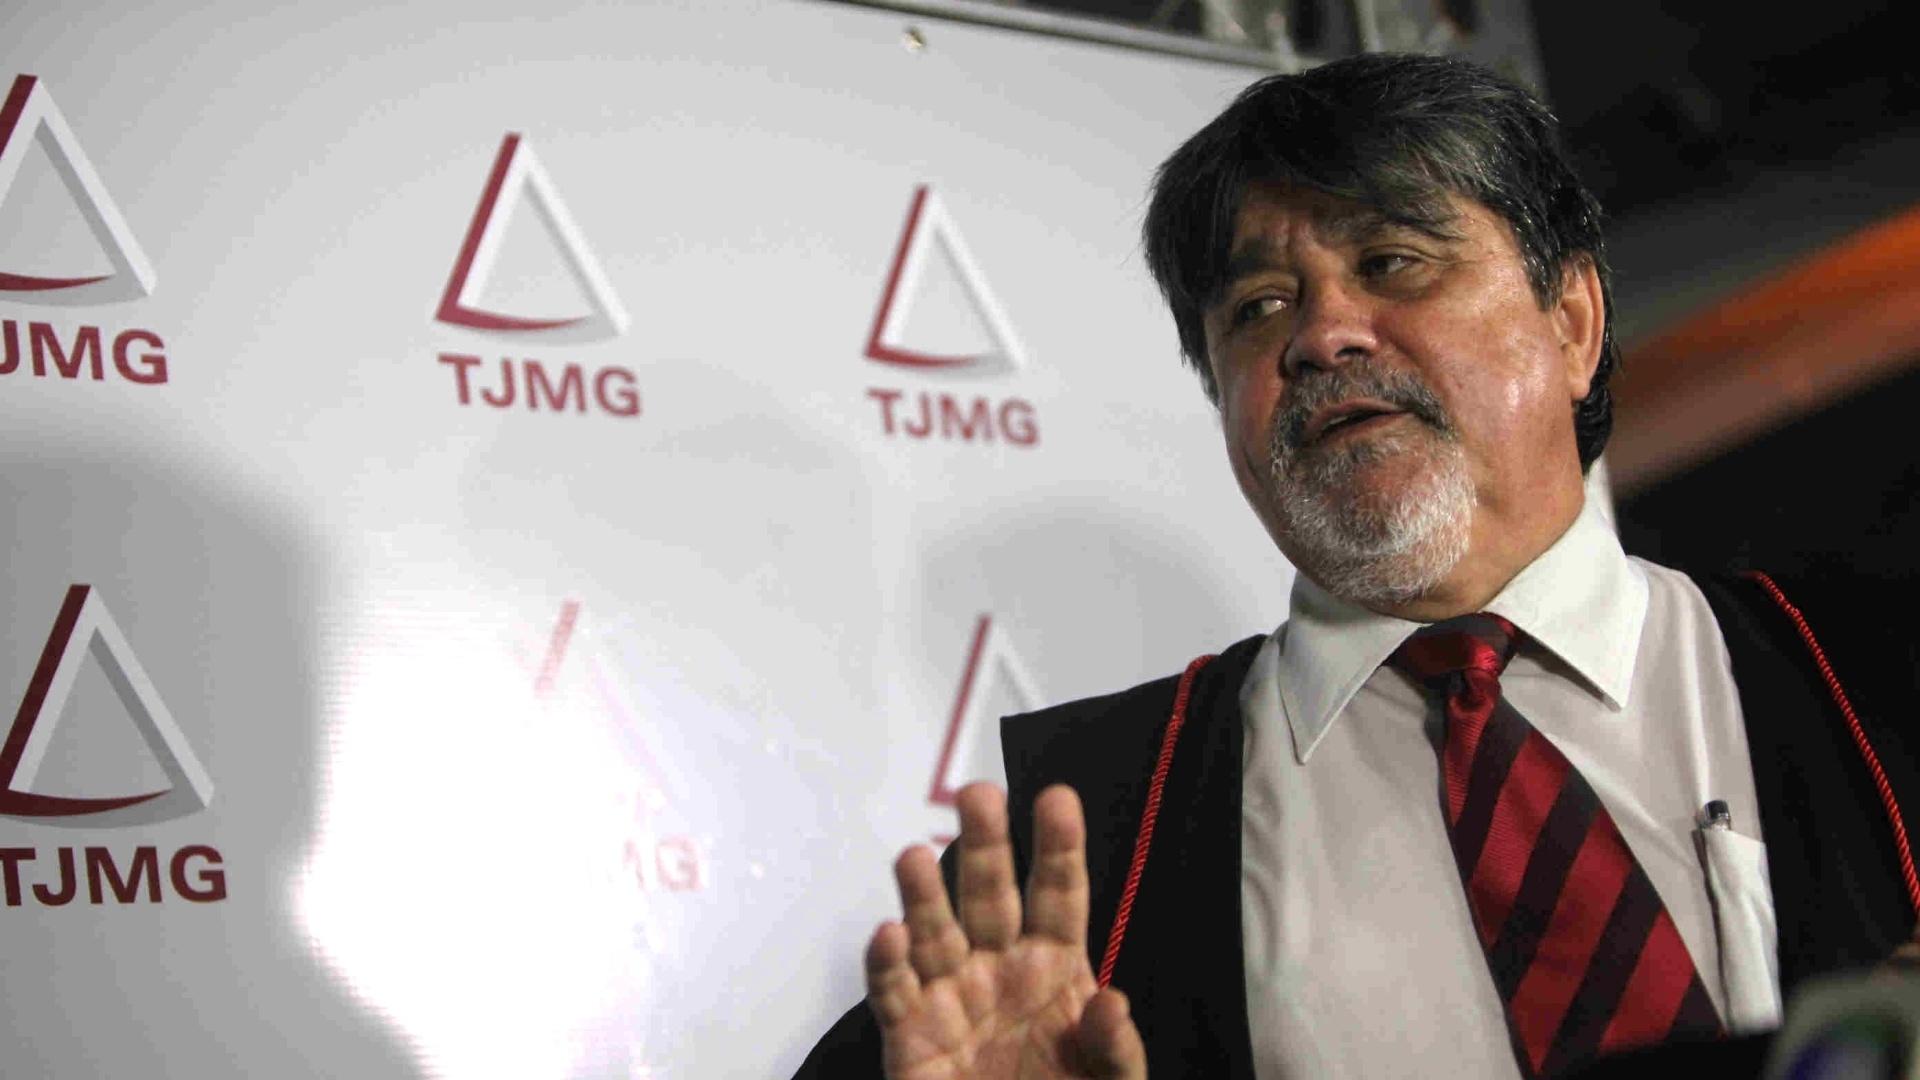 7.mar.2013 - O advogado Lúcio Adolfo da Silva, que defende o goleiro Bruno Fernandes de Souza, fala a jornalistas na frente do Fórum de Contagem (MG), pouco antes do anúncio da sentença do jogador